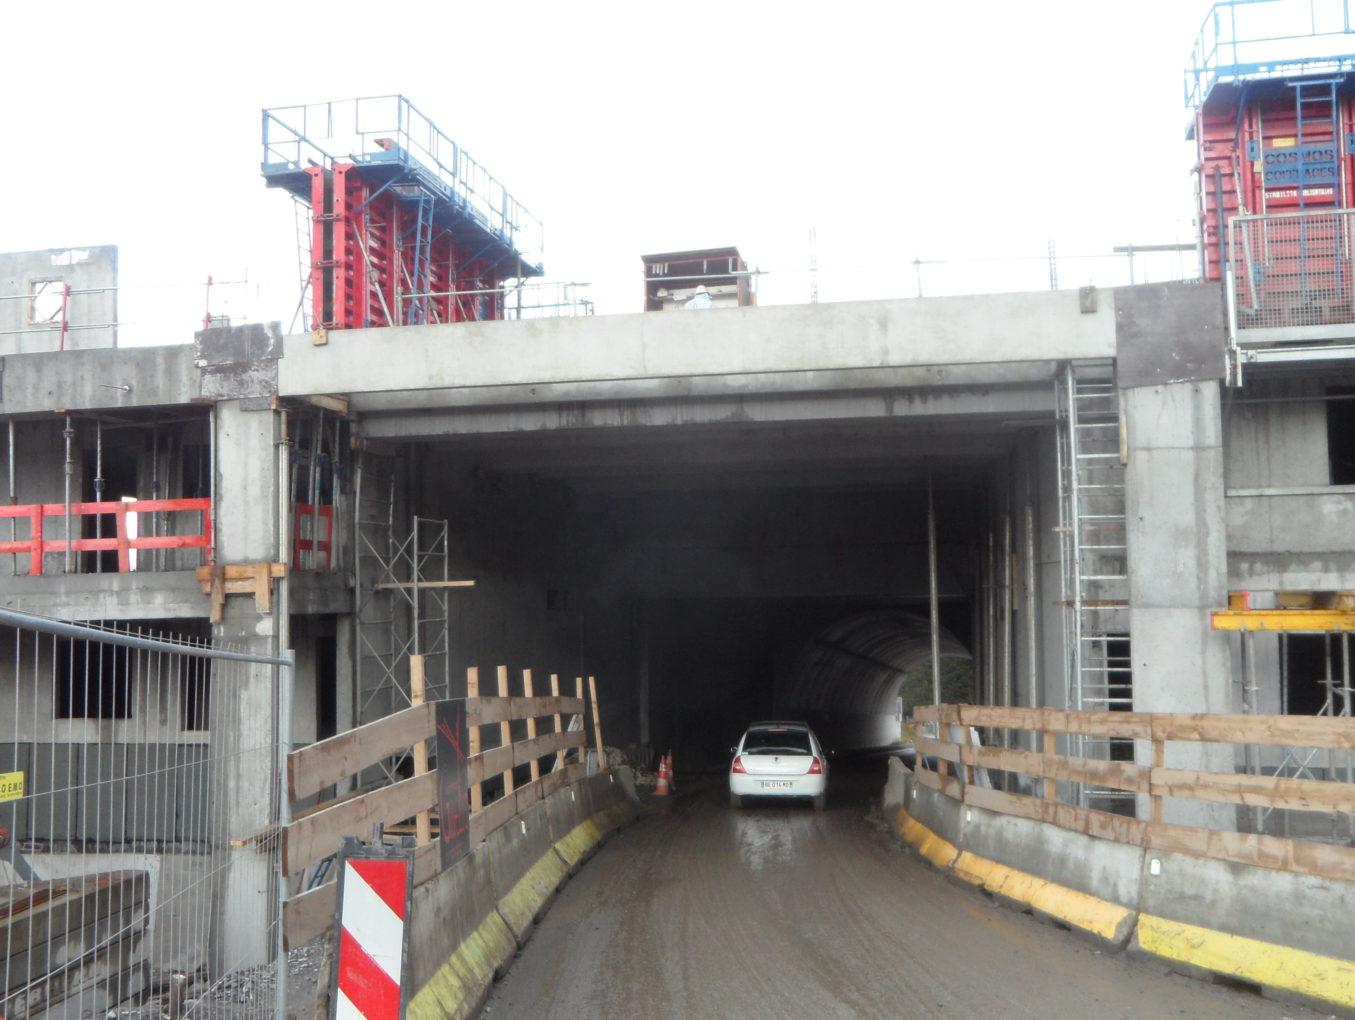 Agrandissement d'un tunnel routier - Club Med de Samoëns (74)